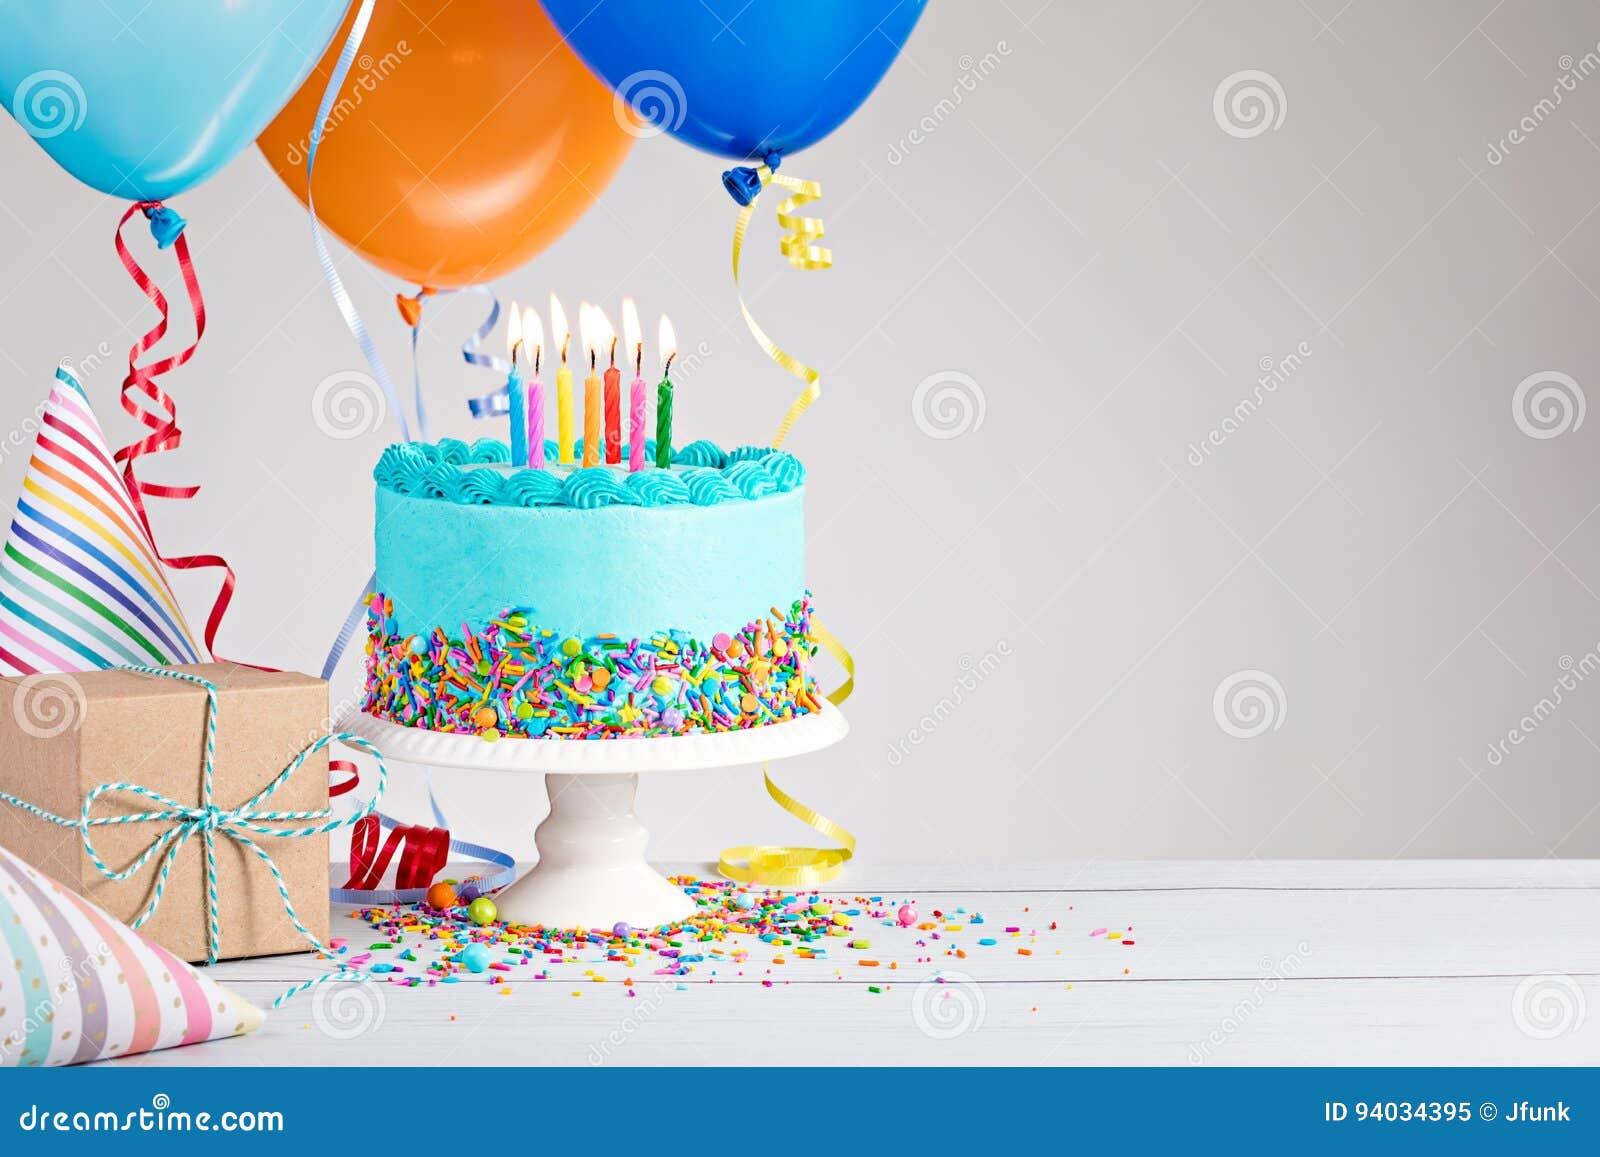 Blauer Geburtstag-Kuchen